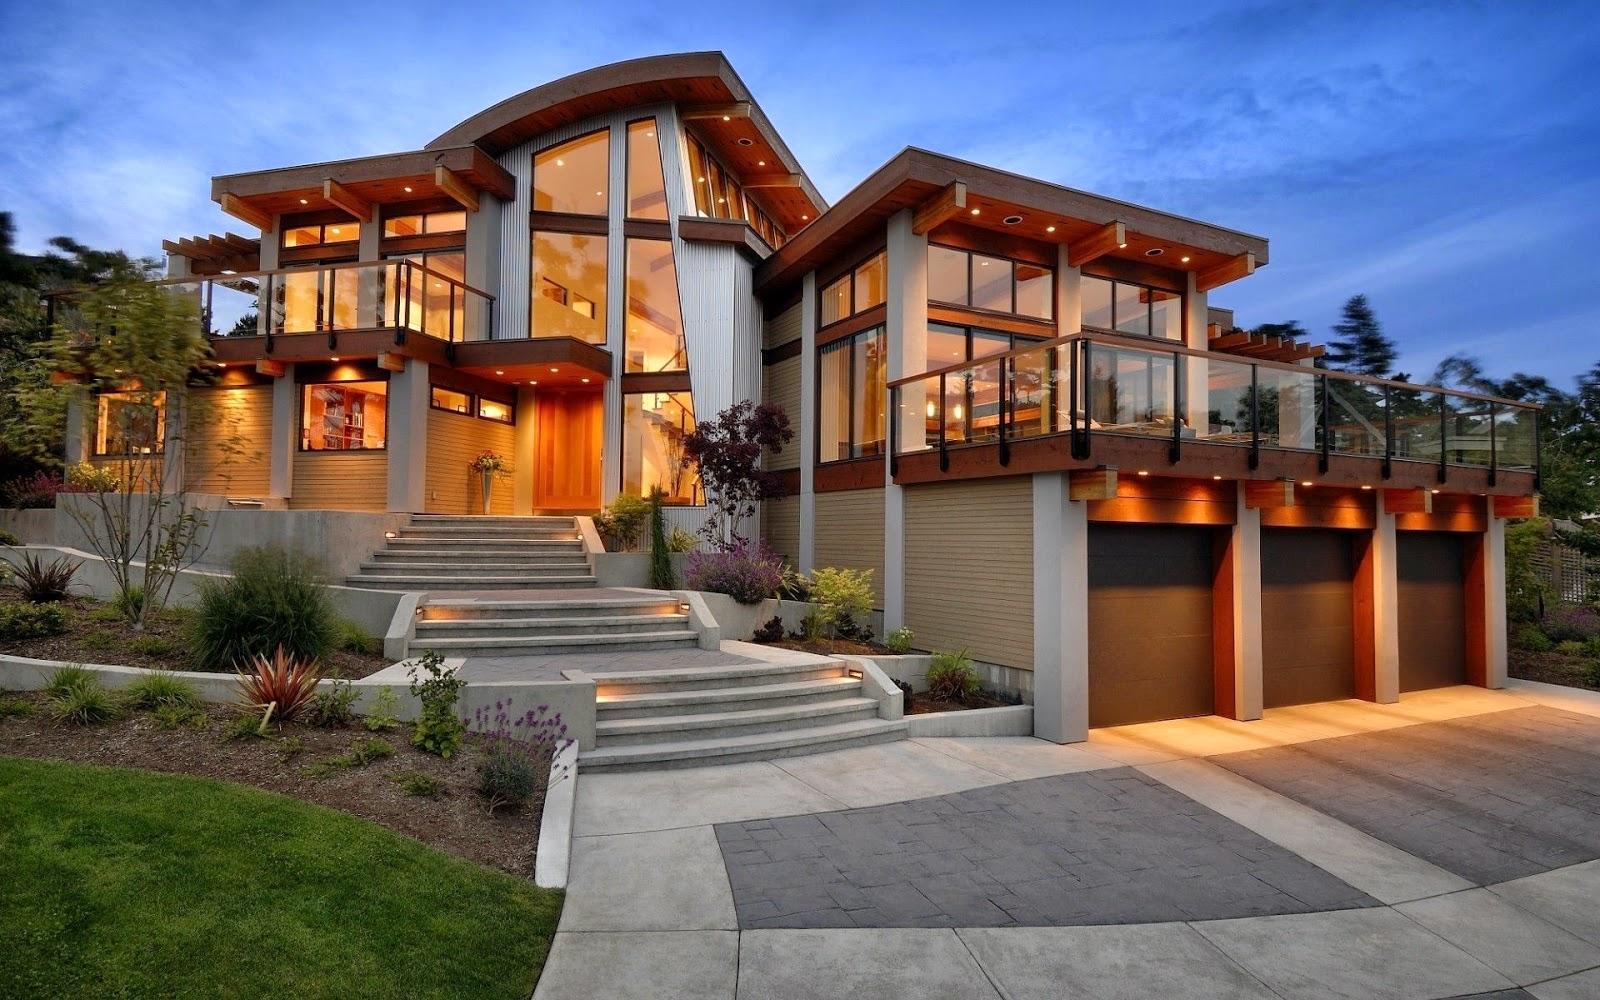 بالصور اجمل منزل في العالم , فخامه المنازل و اجملها حول العالم 693 10